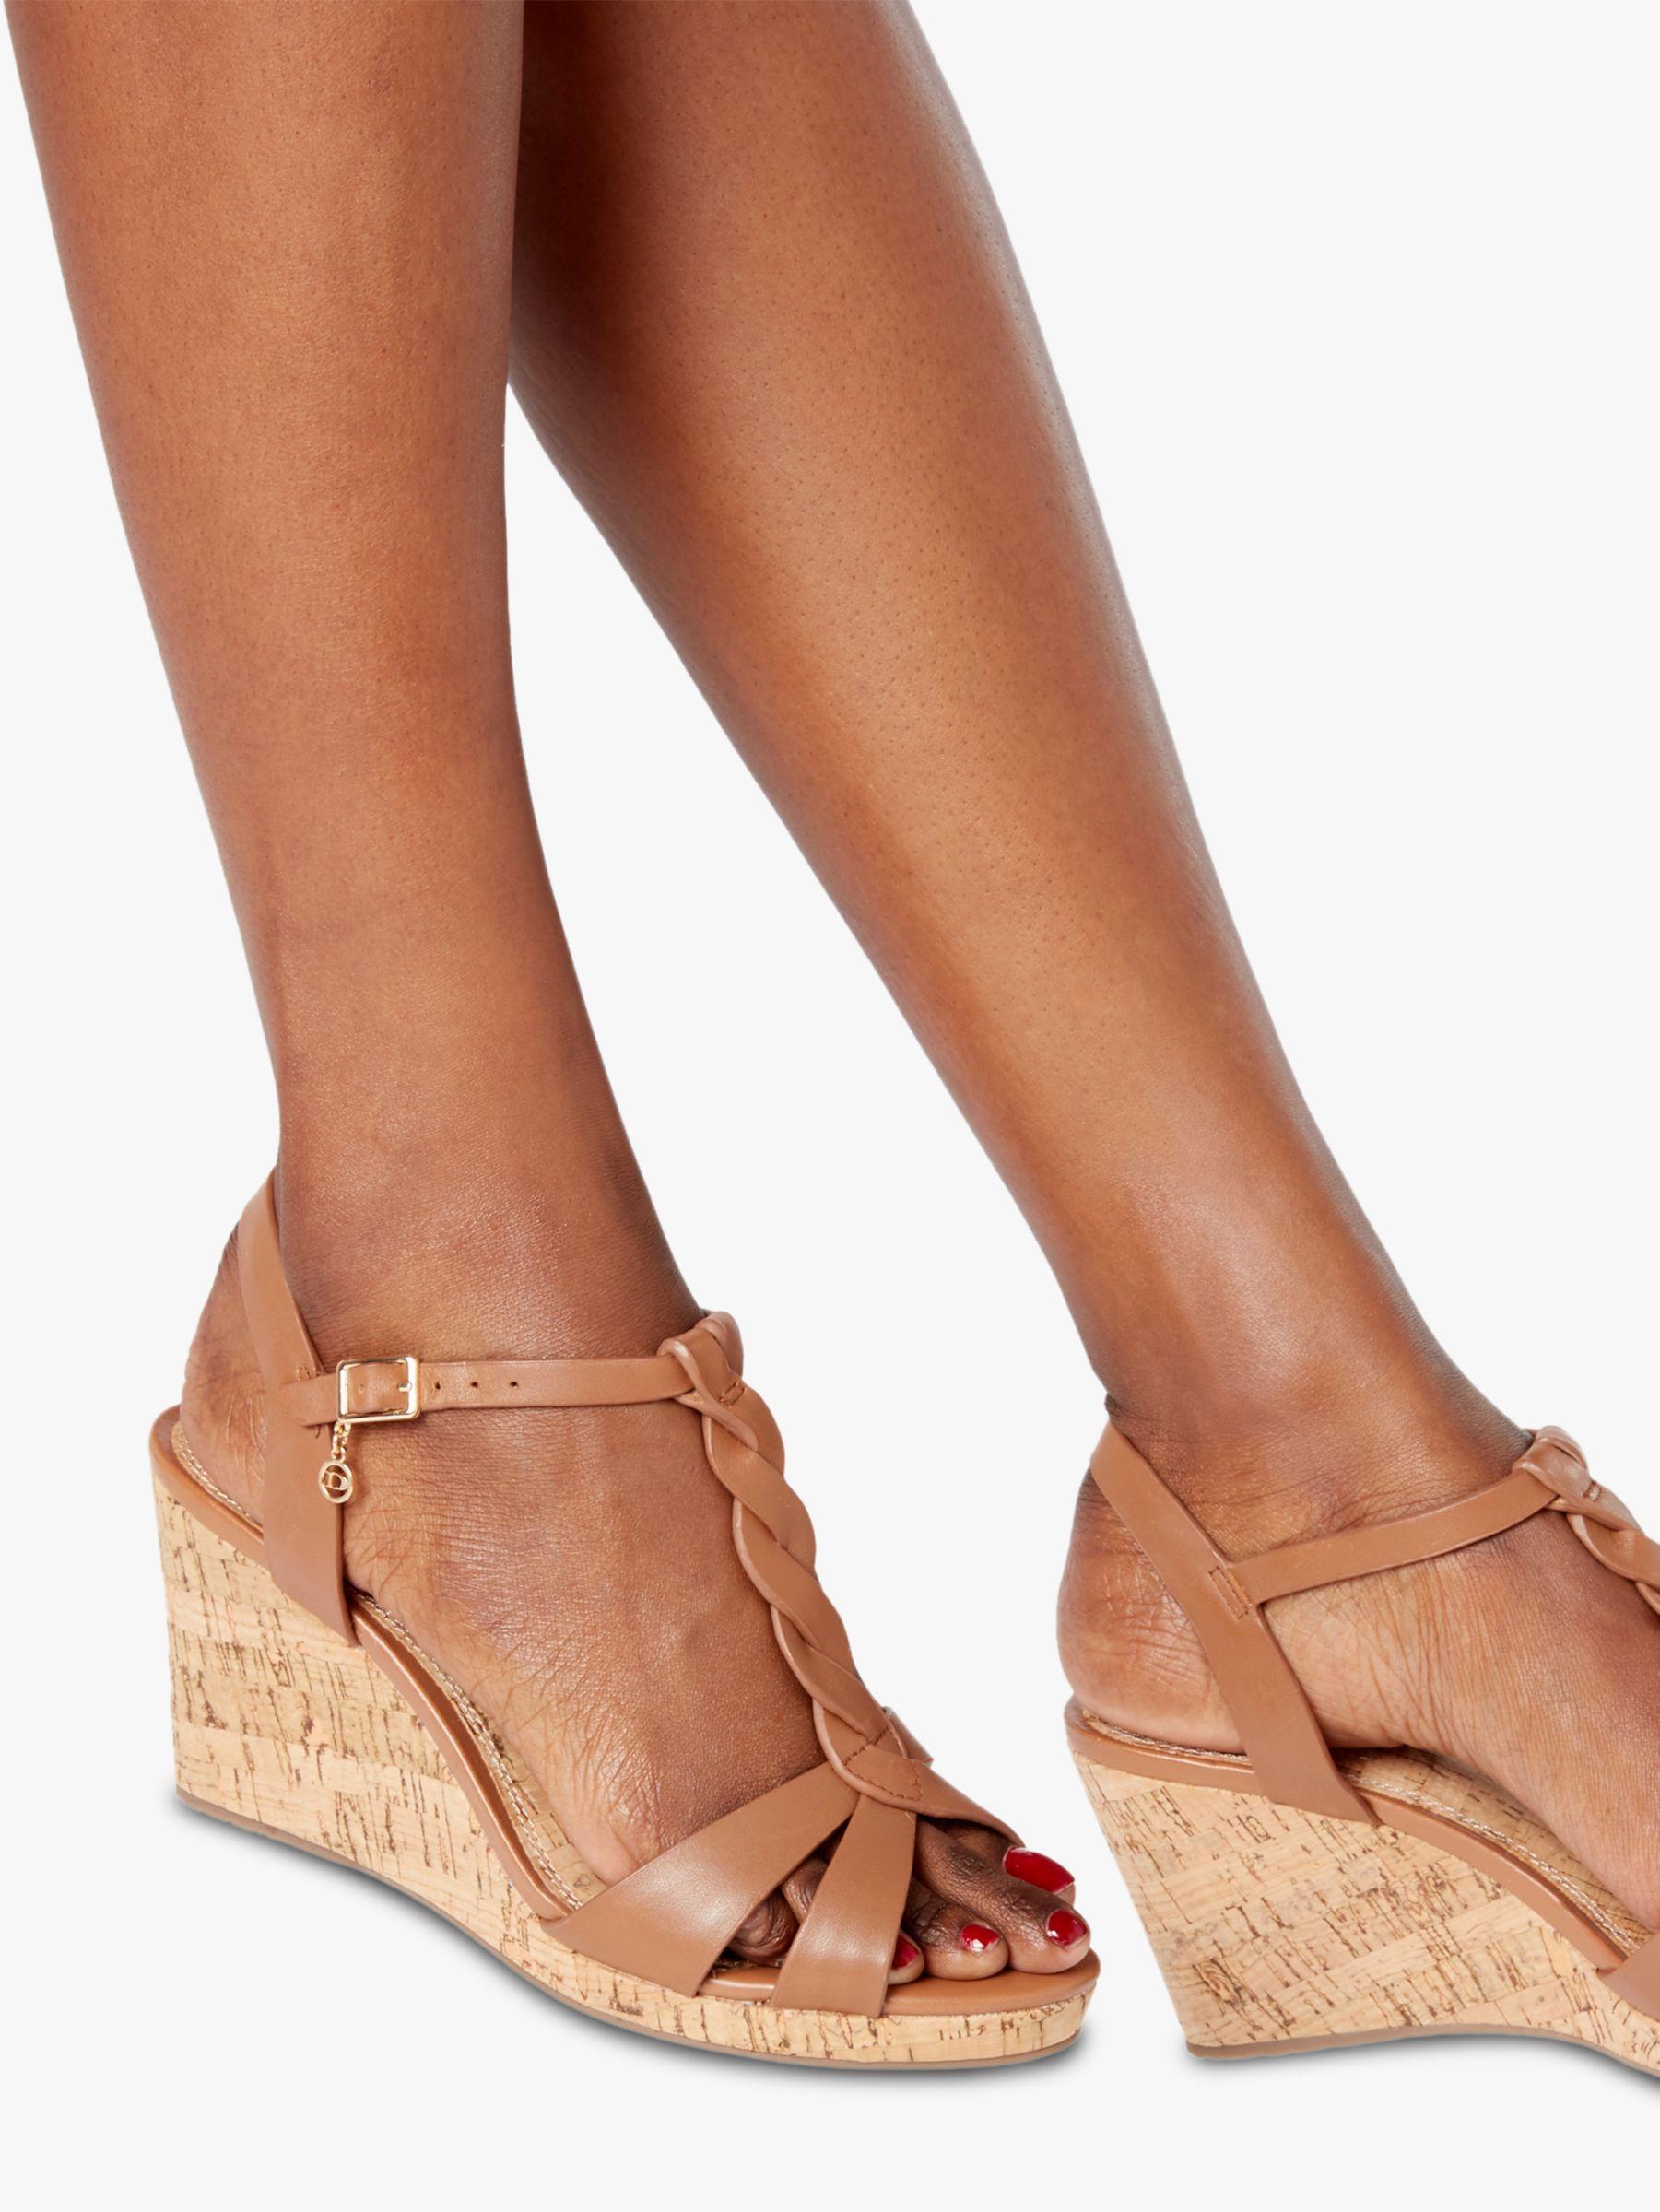 Dune Denim Koala Wedge Heel Sandals in